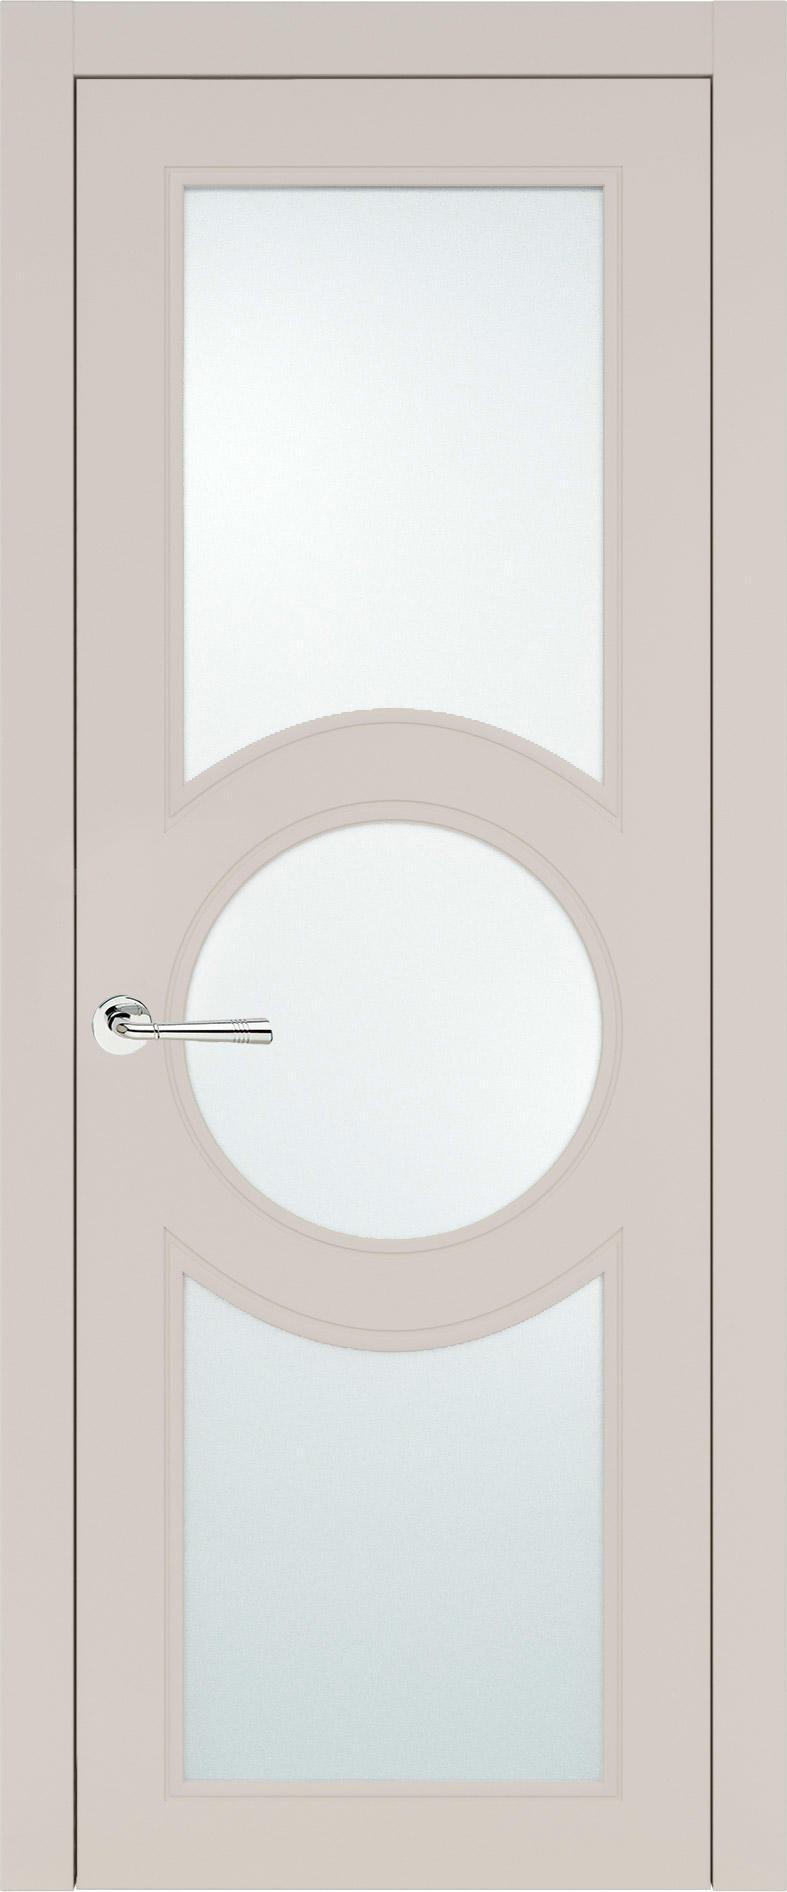 Ravenna Neo Classic цвет - Жемчужная эмаль (RAL 1013) Со стеклом (ДО)